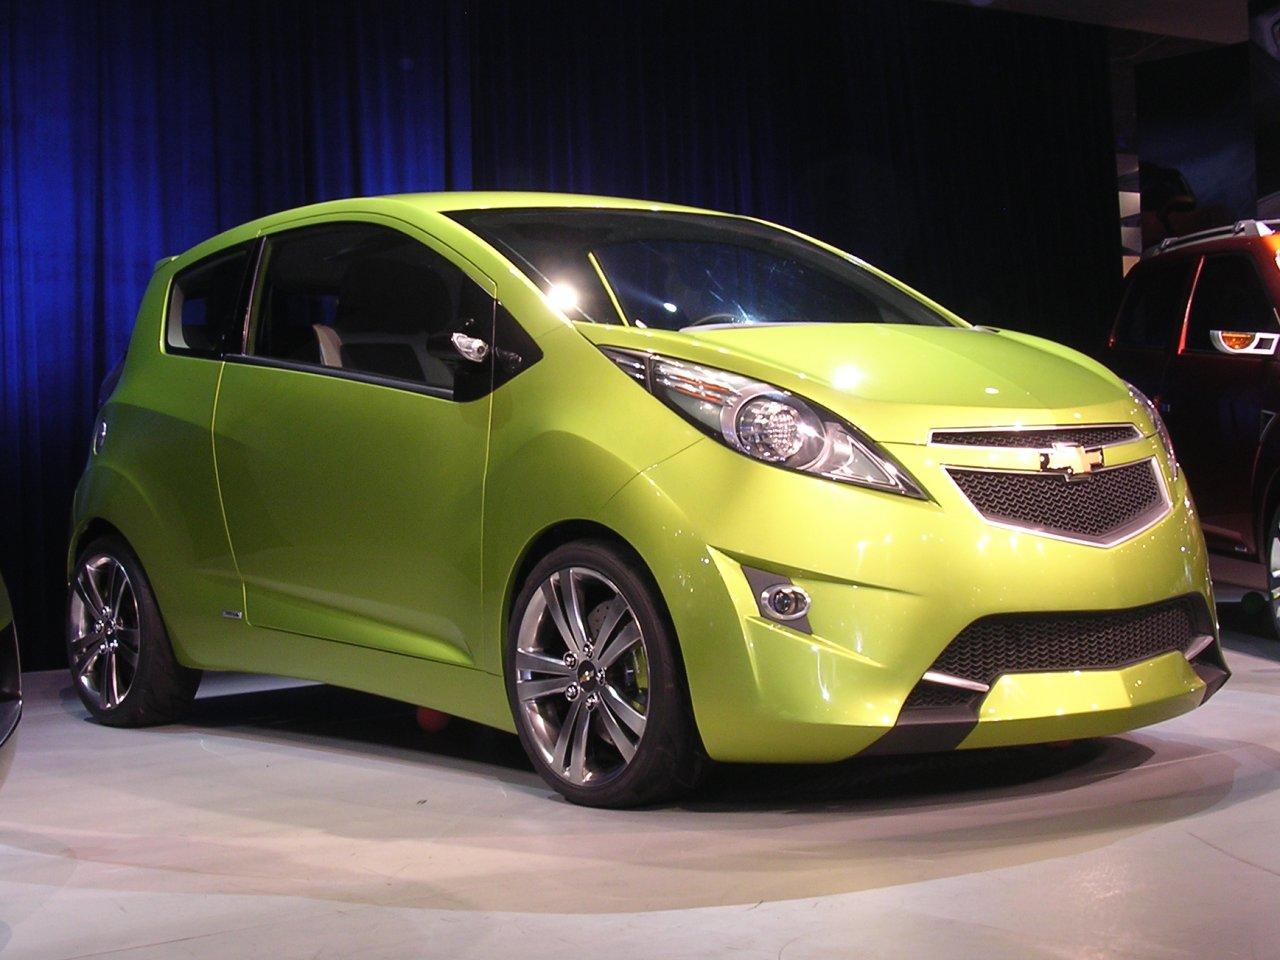 Chevrolet r-10